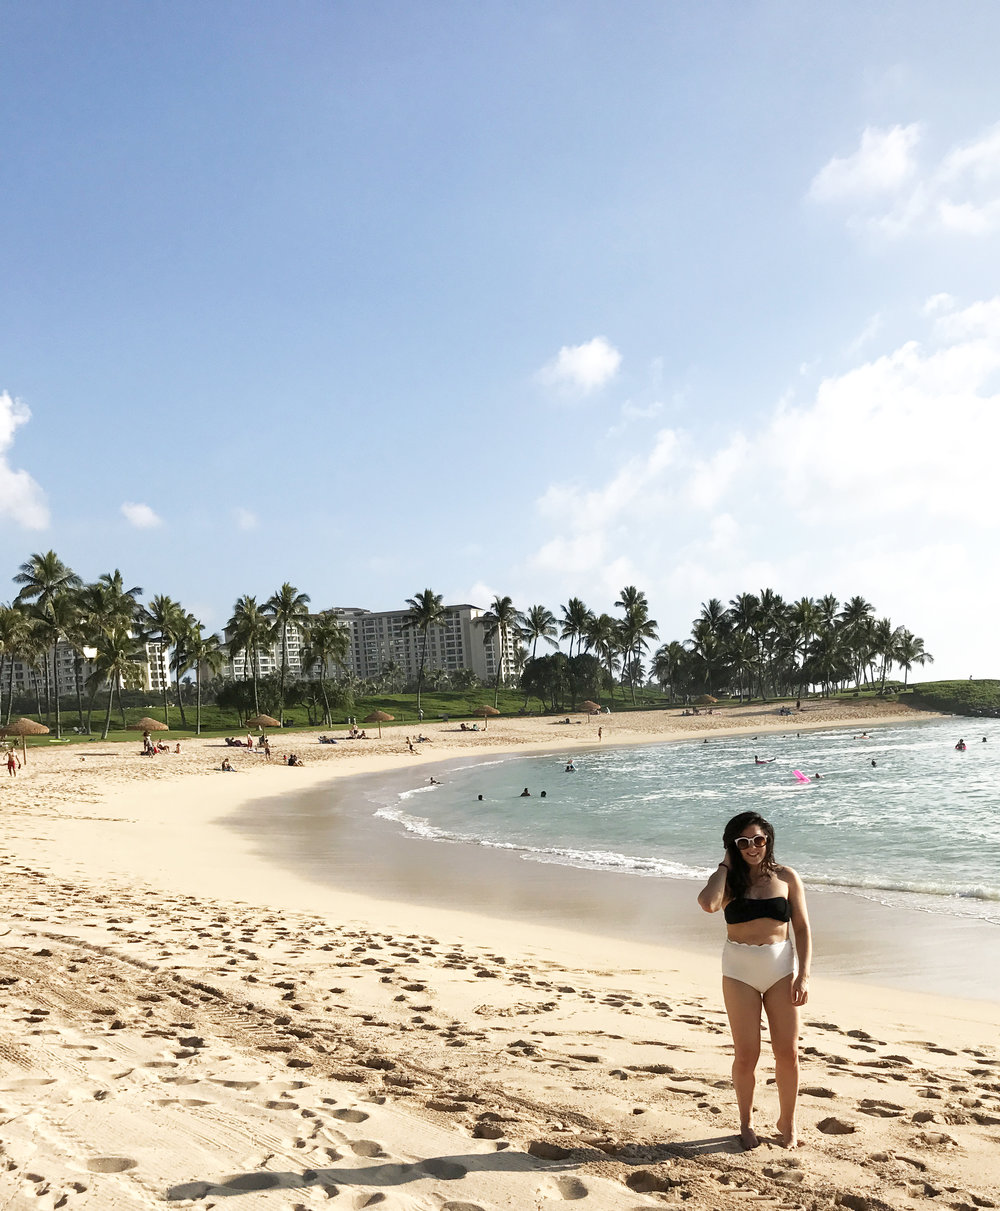 oahu beach ko'olina